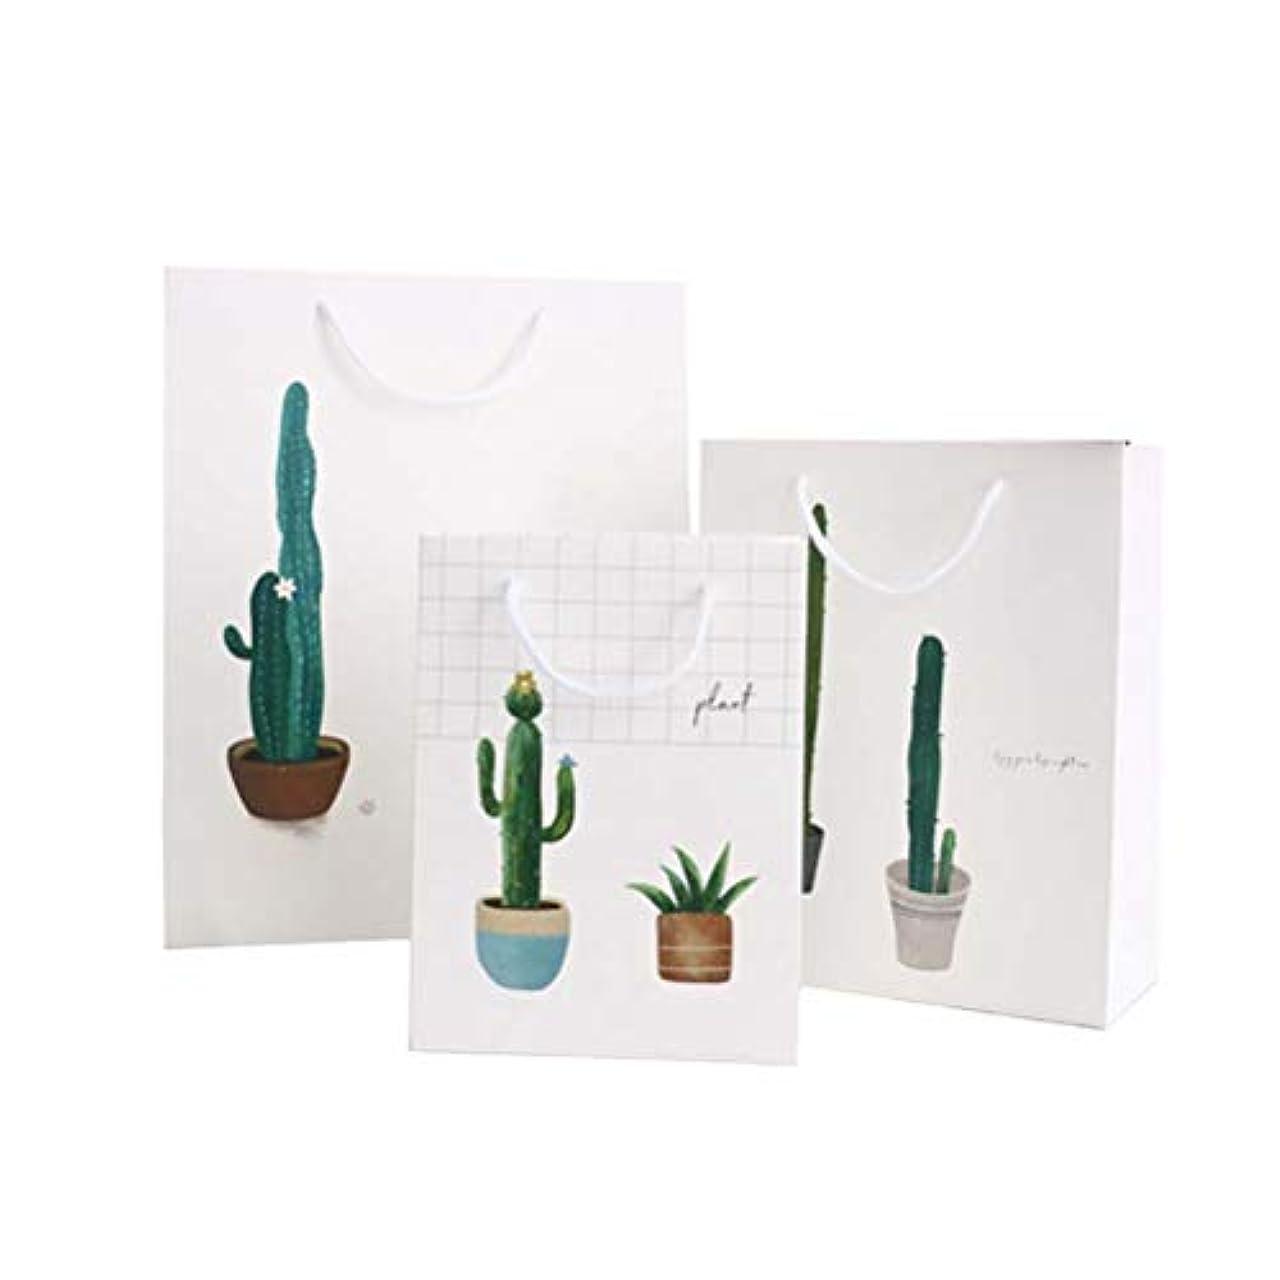 パワーマウンド時系列Amosfun 夏のギフトバッグ植物印刷ギフト収納ポーチ折りたたみトートバッグリサイクル可能なポータブル紙ハンドバッグ(1ピースサイズS + M + L)3ピース